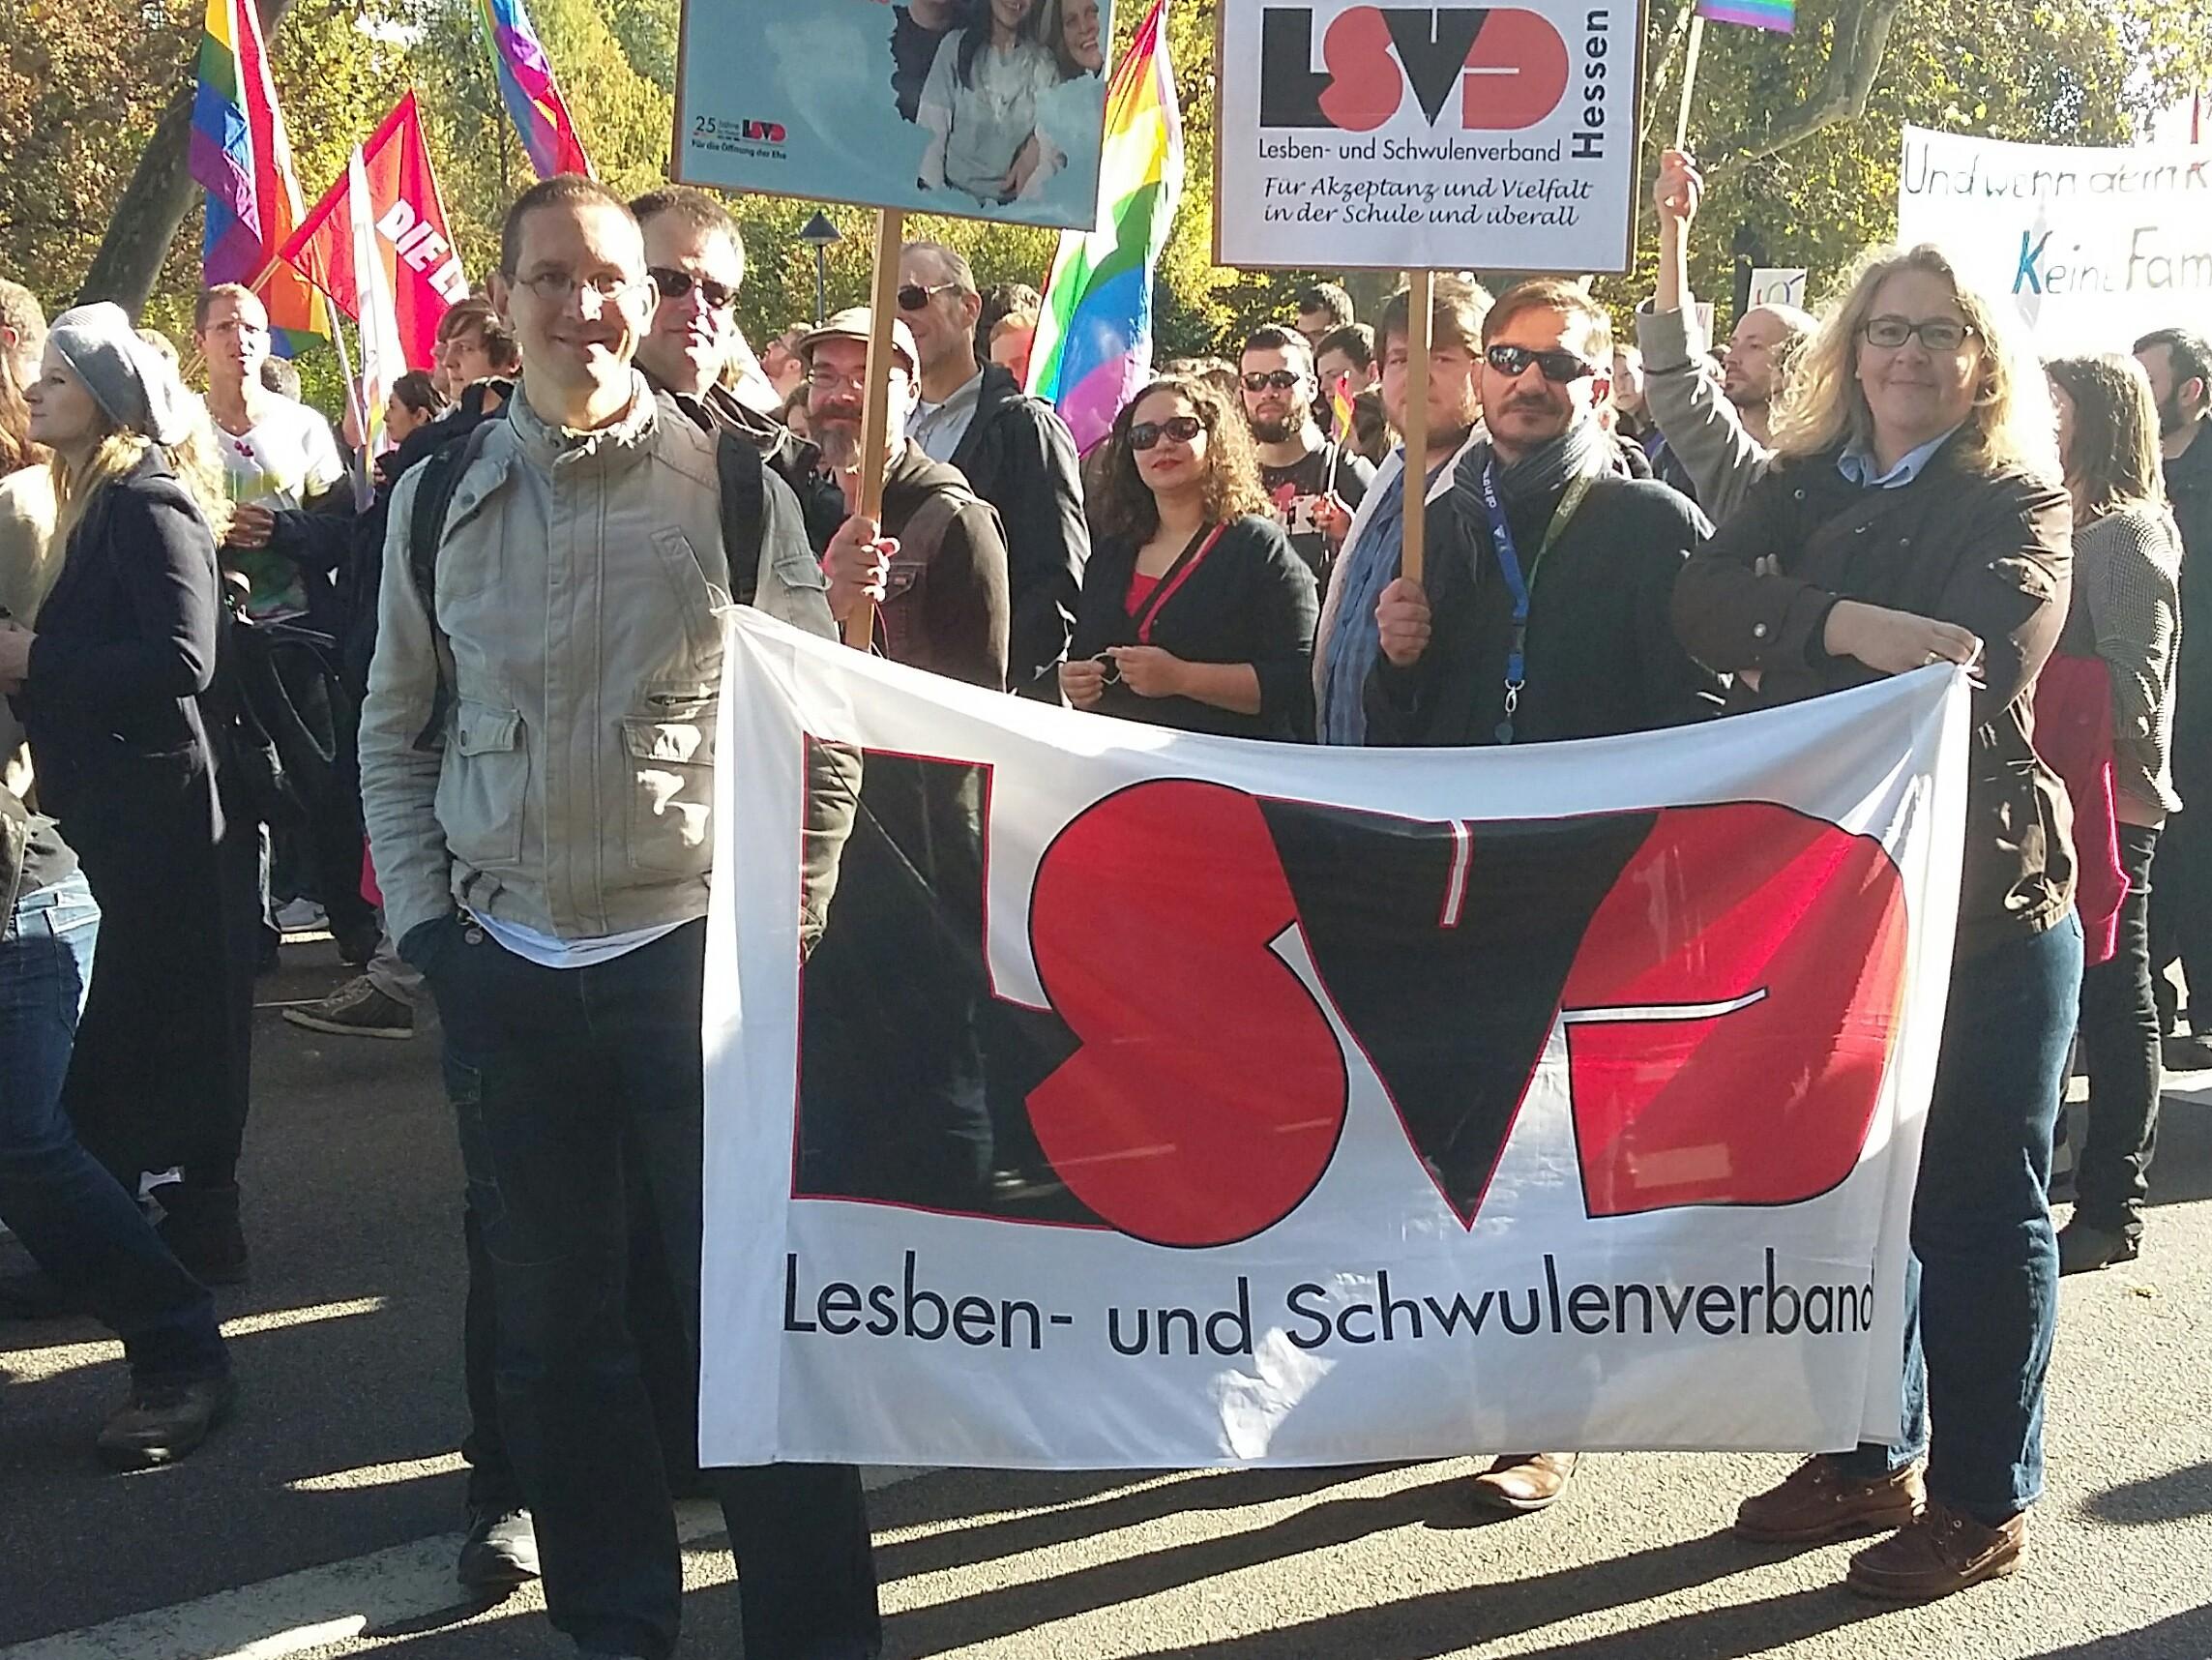 """LSVD aktiv beim """"Bündnis für Akzeptanz und Vielfalt – gegen Diskriminierung und Ausgrenzung"""" in Wiesbaden"""